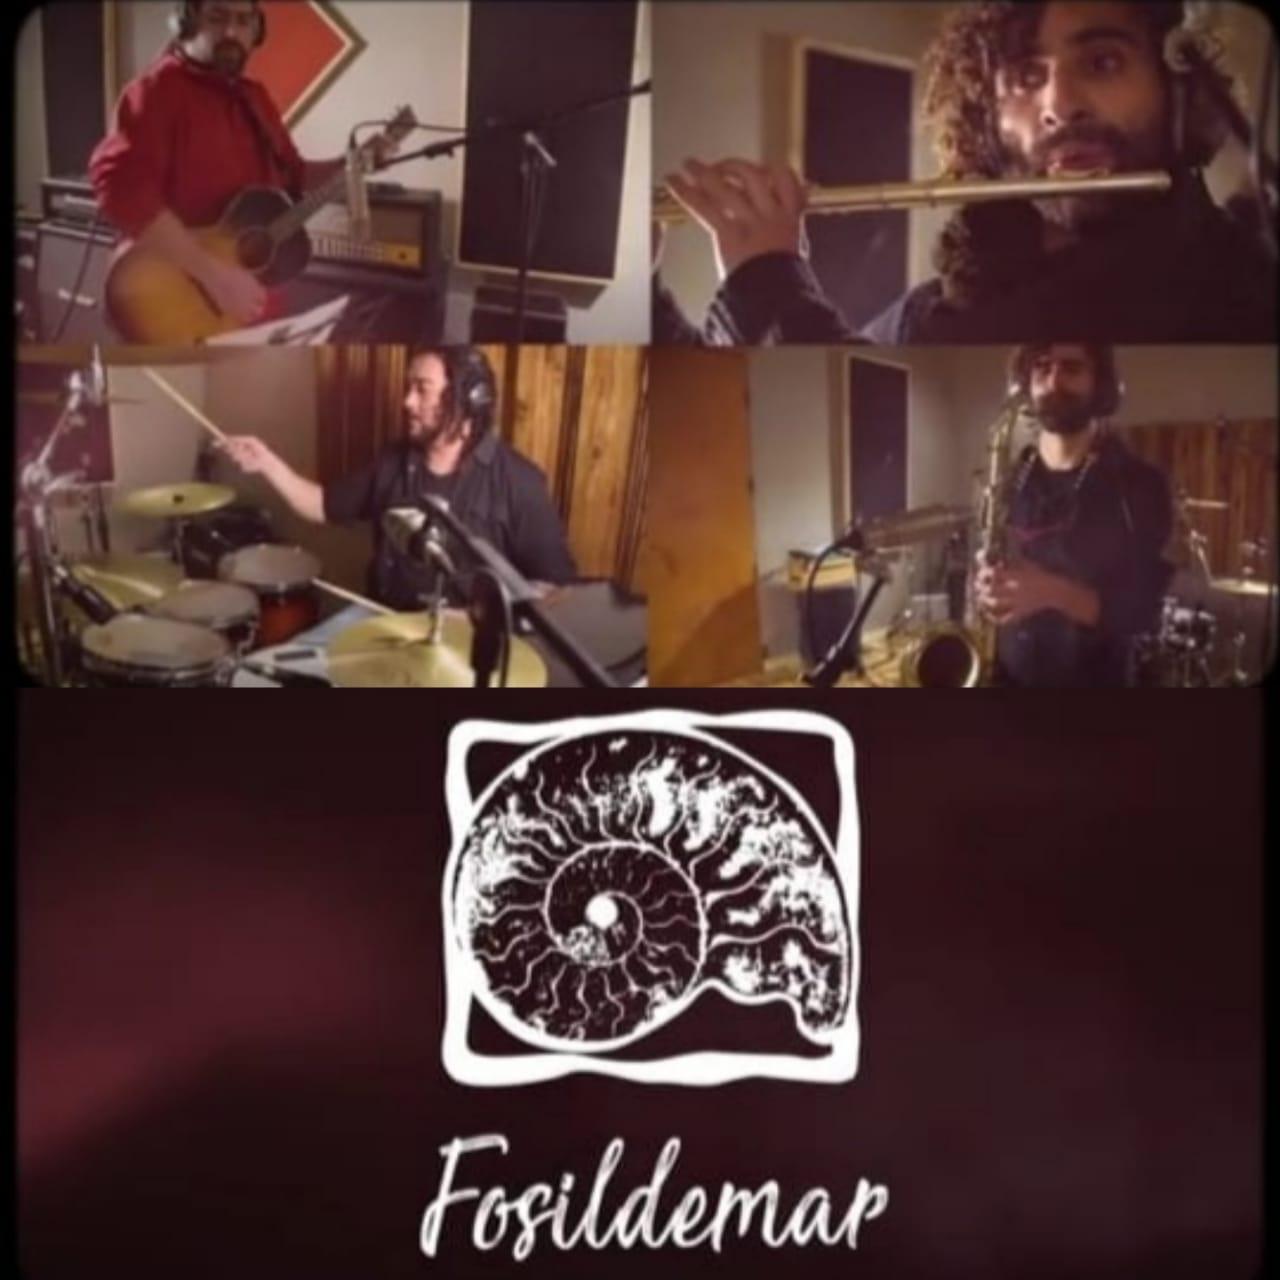 """FosilDeMar lanzó su primer sencillo: """"Reina Fugitiva"""", canción que  busca la reflexión en pandemia sobre lo frágil de la vida y el amor"""